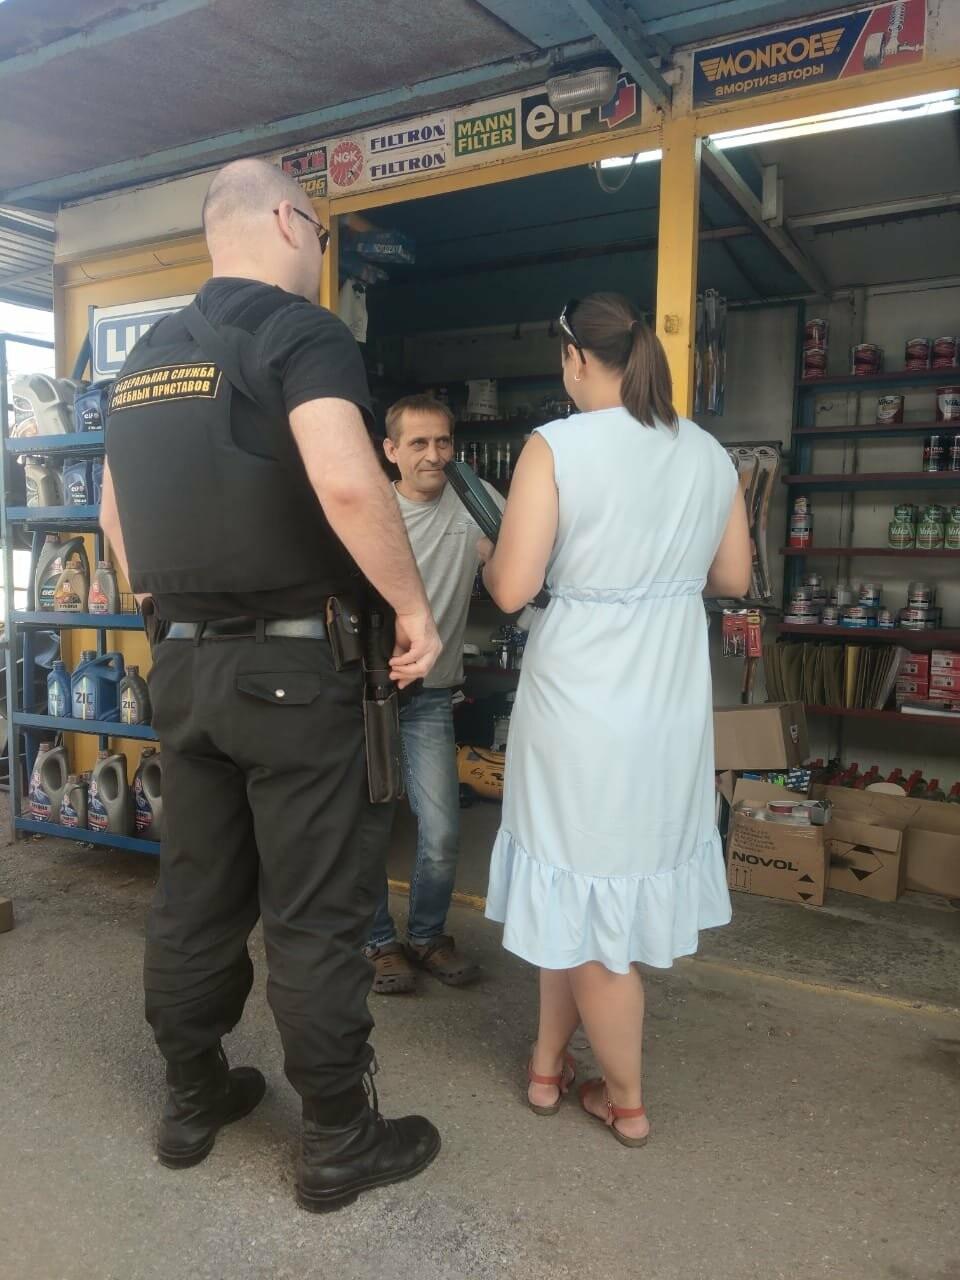 В Ялте за неуплату налогов арестовали автомобиль и кассовые аппараты , фото-3